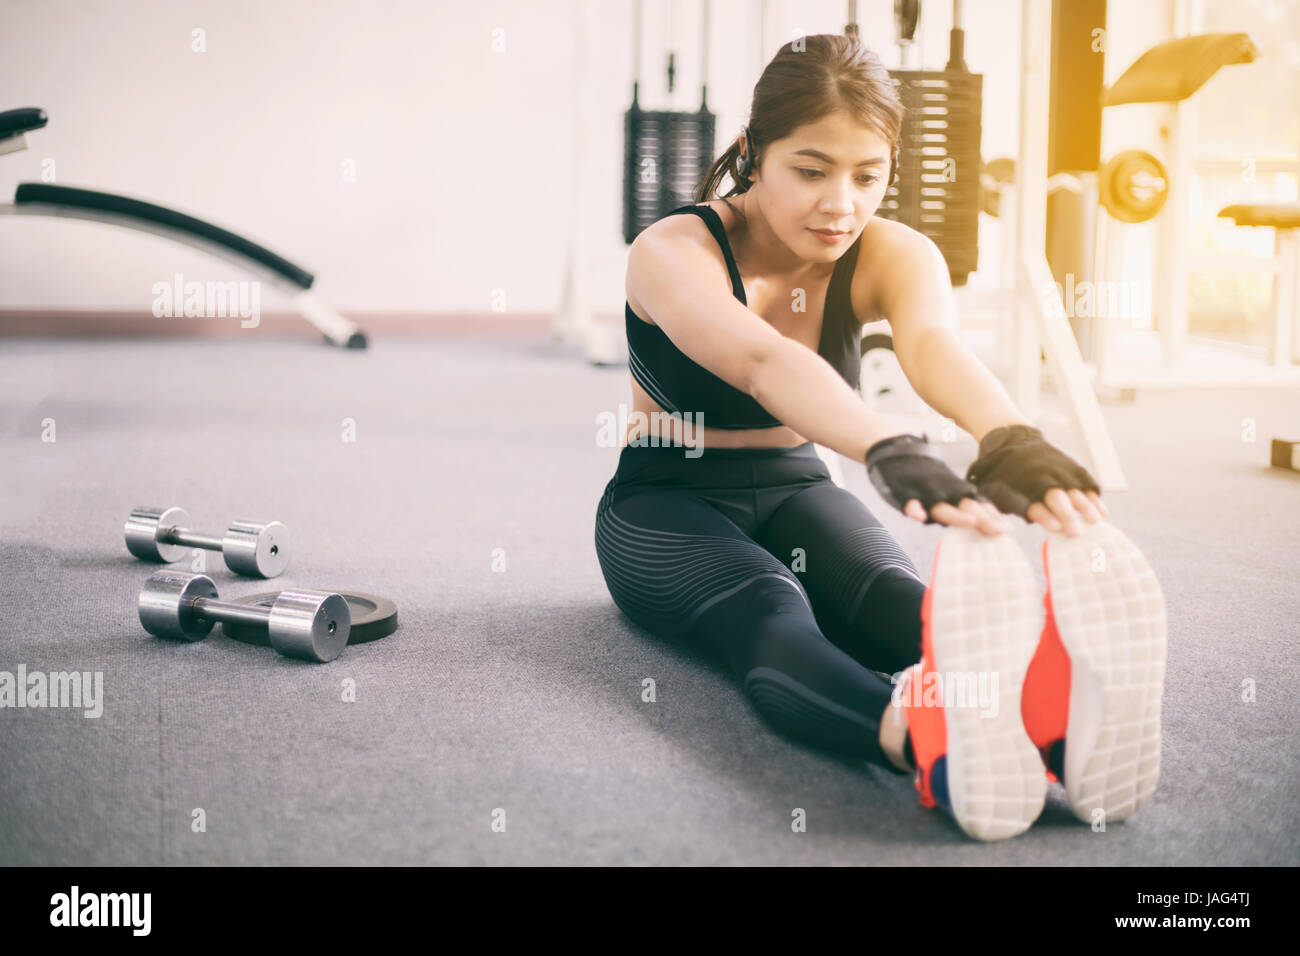 Sportliche Frau asiatischen Aufwärmen und junge Sportlerin auf eine Ausübung sitzen und erstreckt sich Stockbild